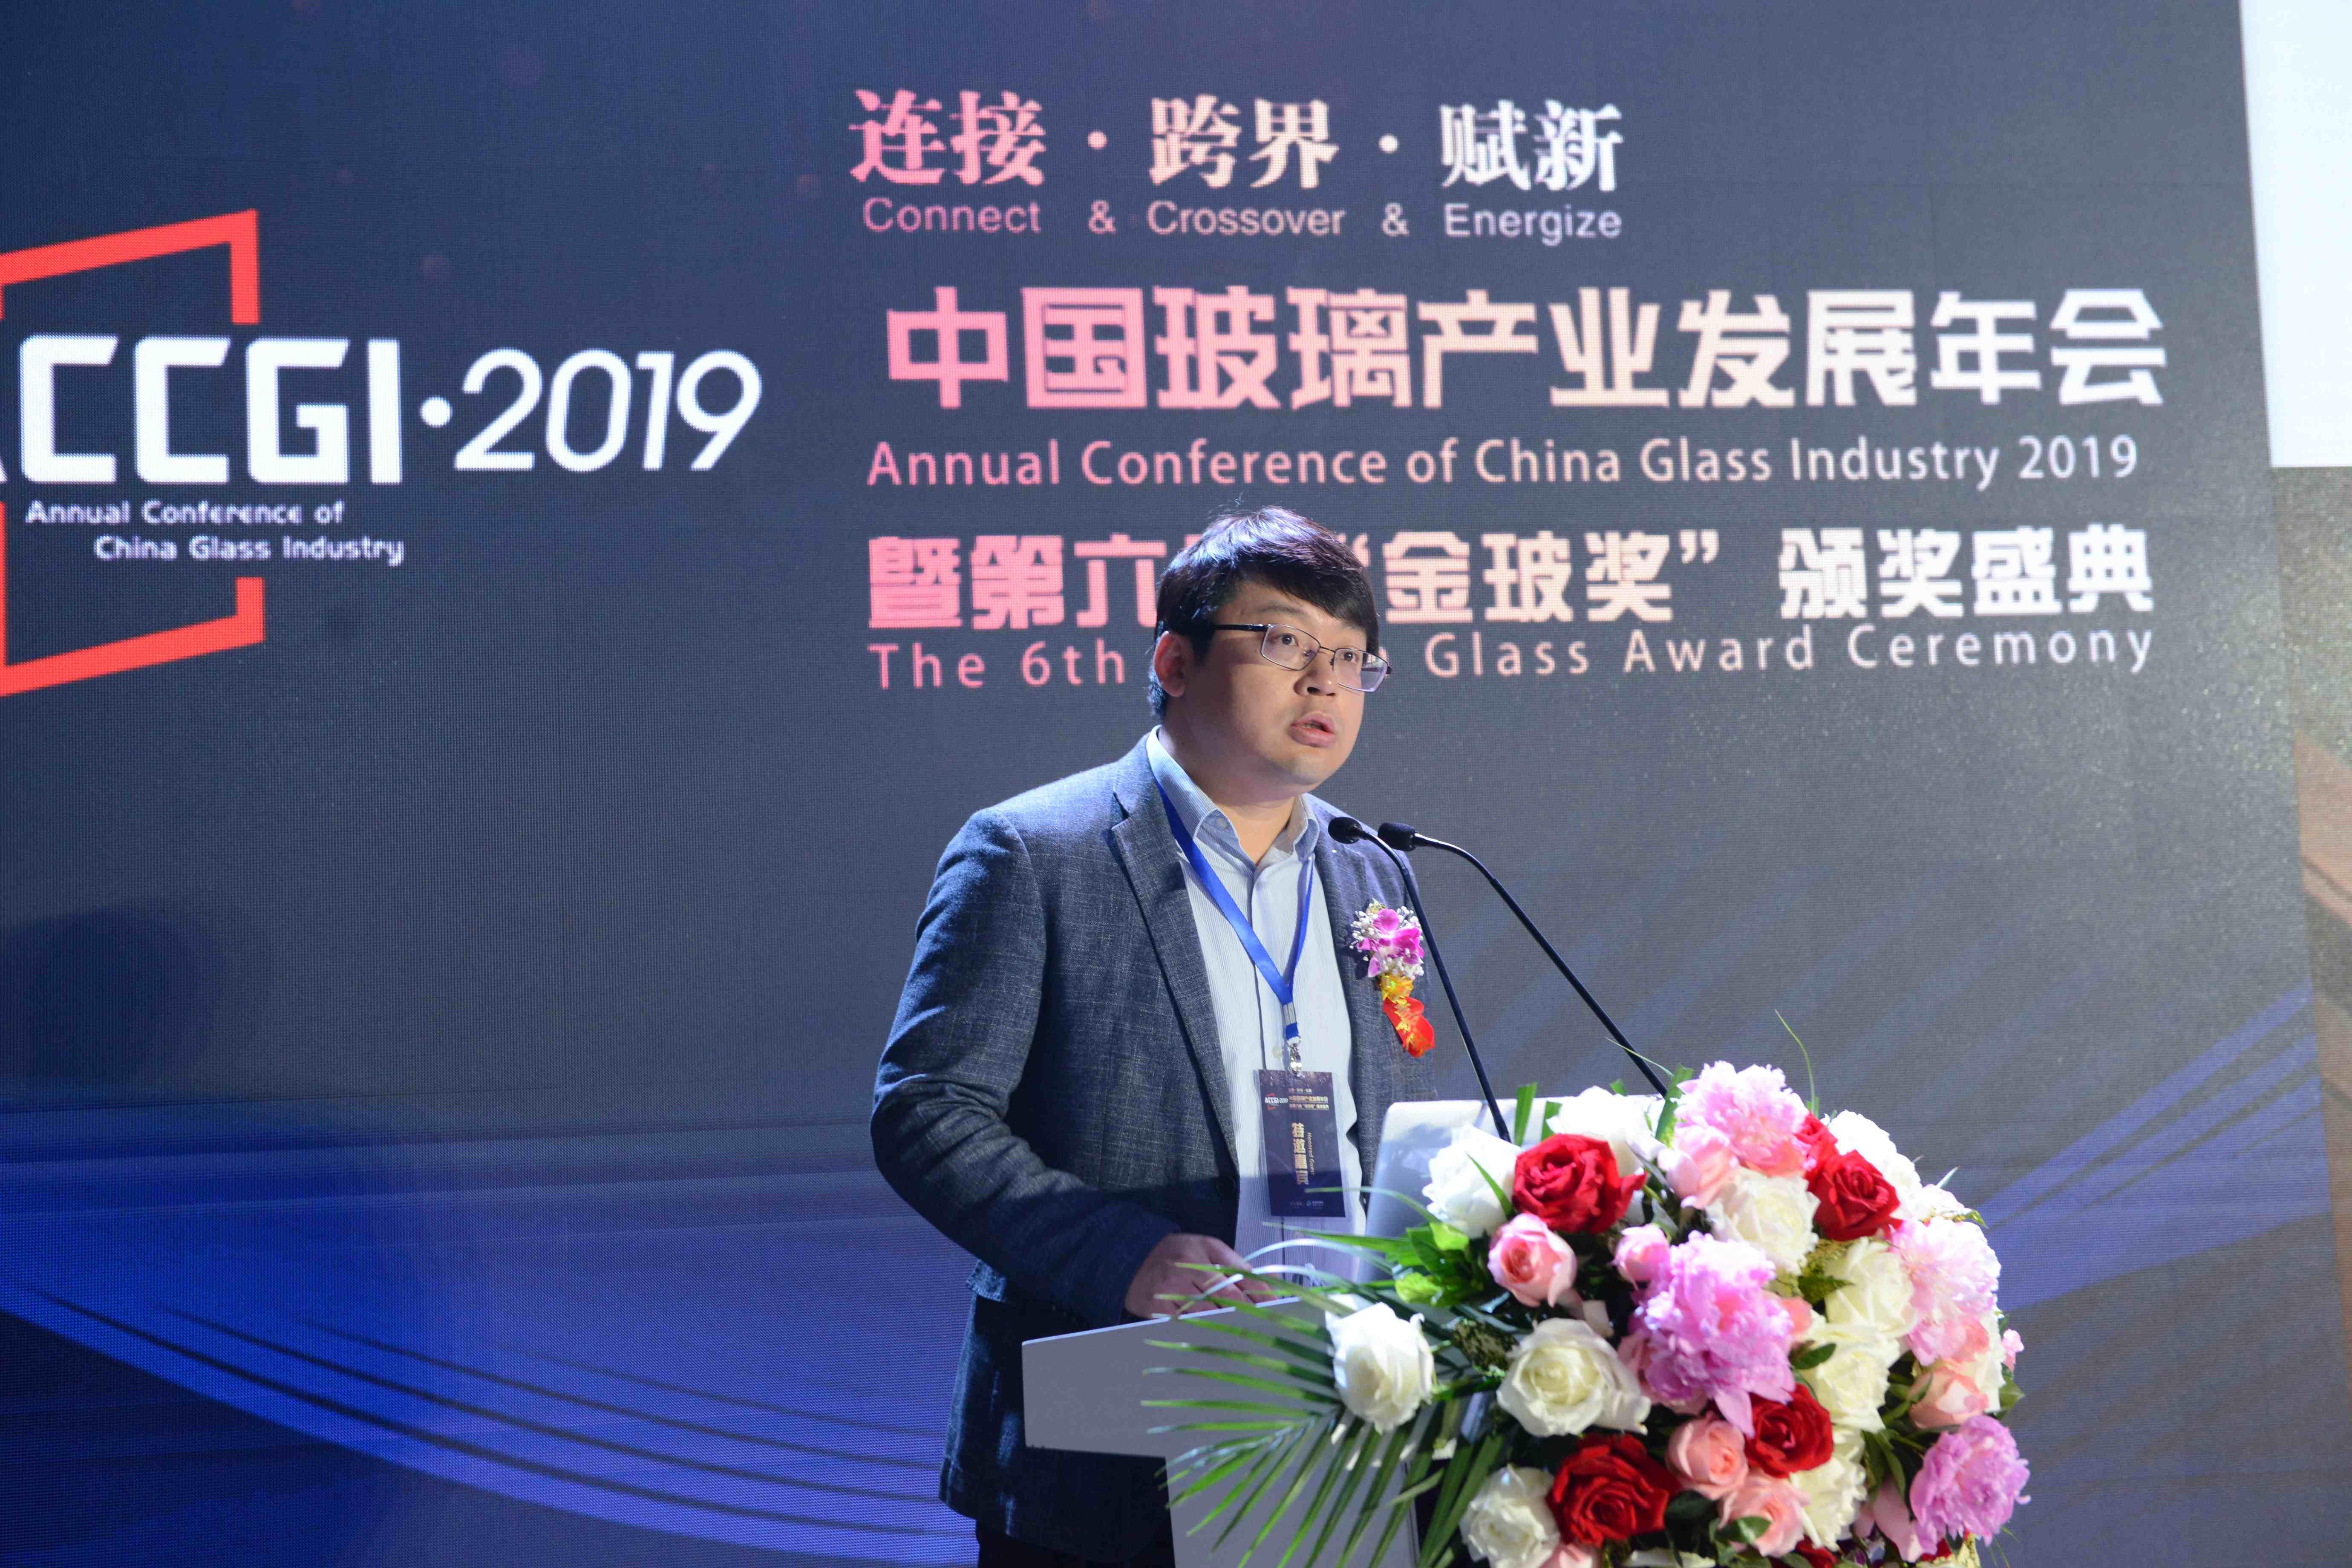 中国玻璃产业发展年会文图-中国玻璃产业发展年会文图-于辉